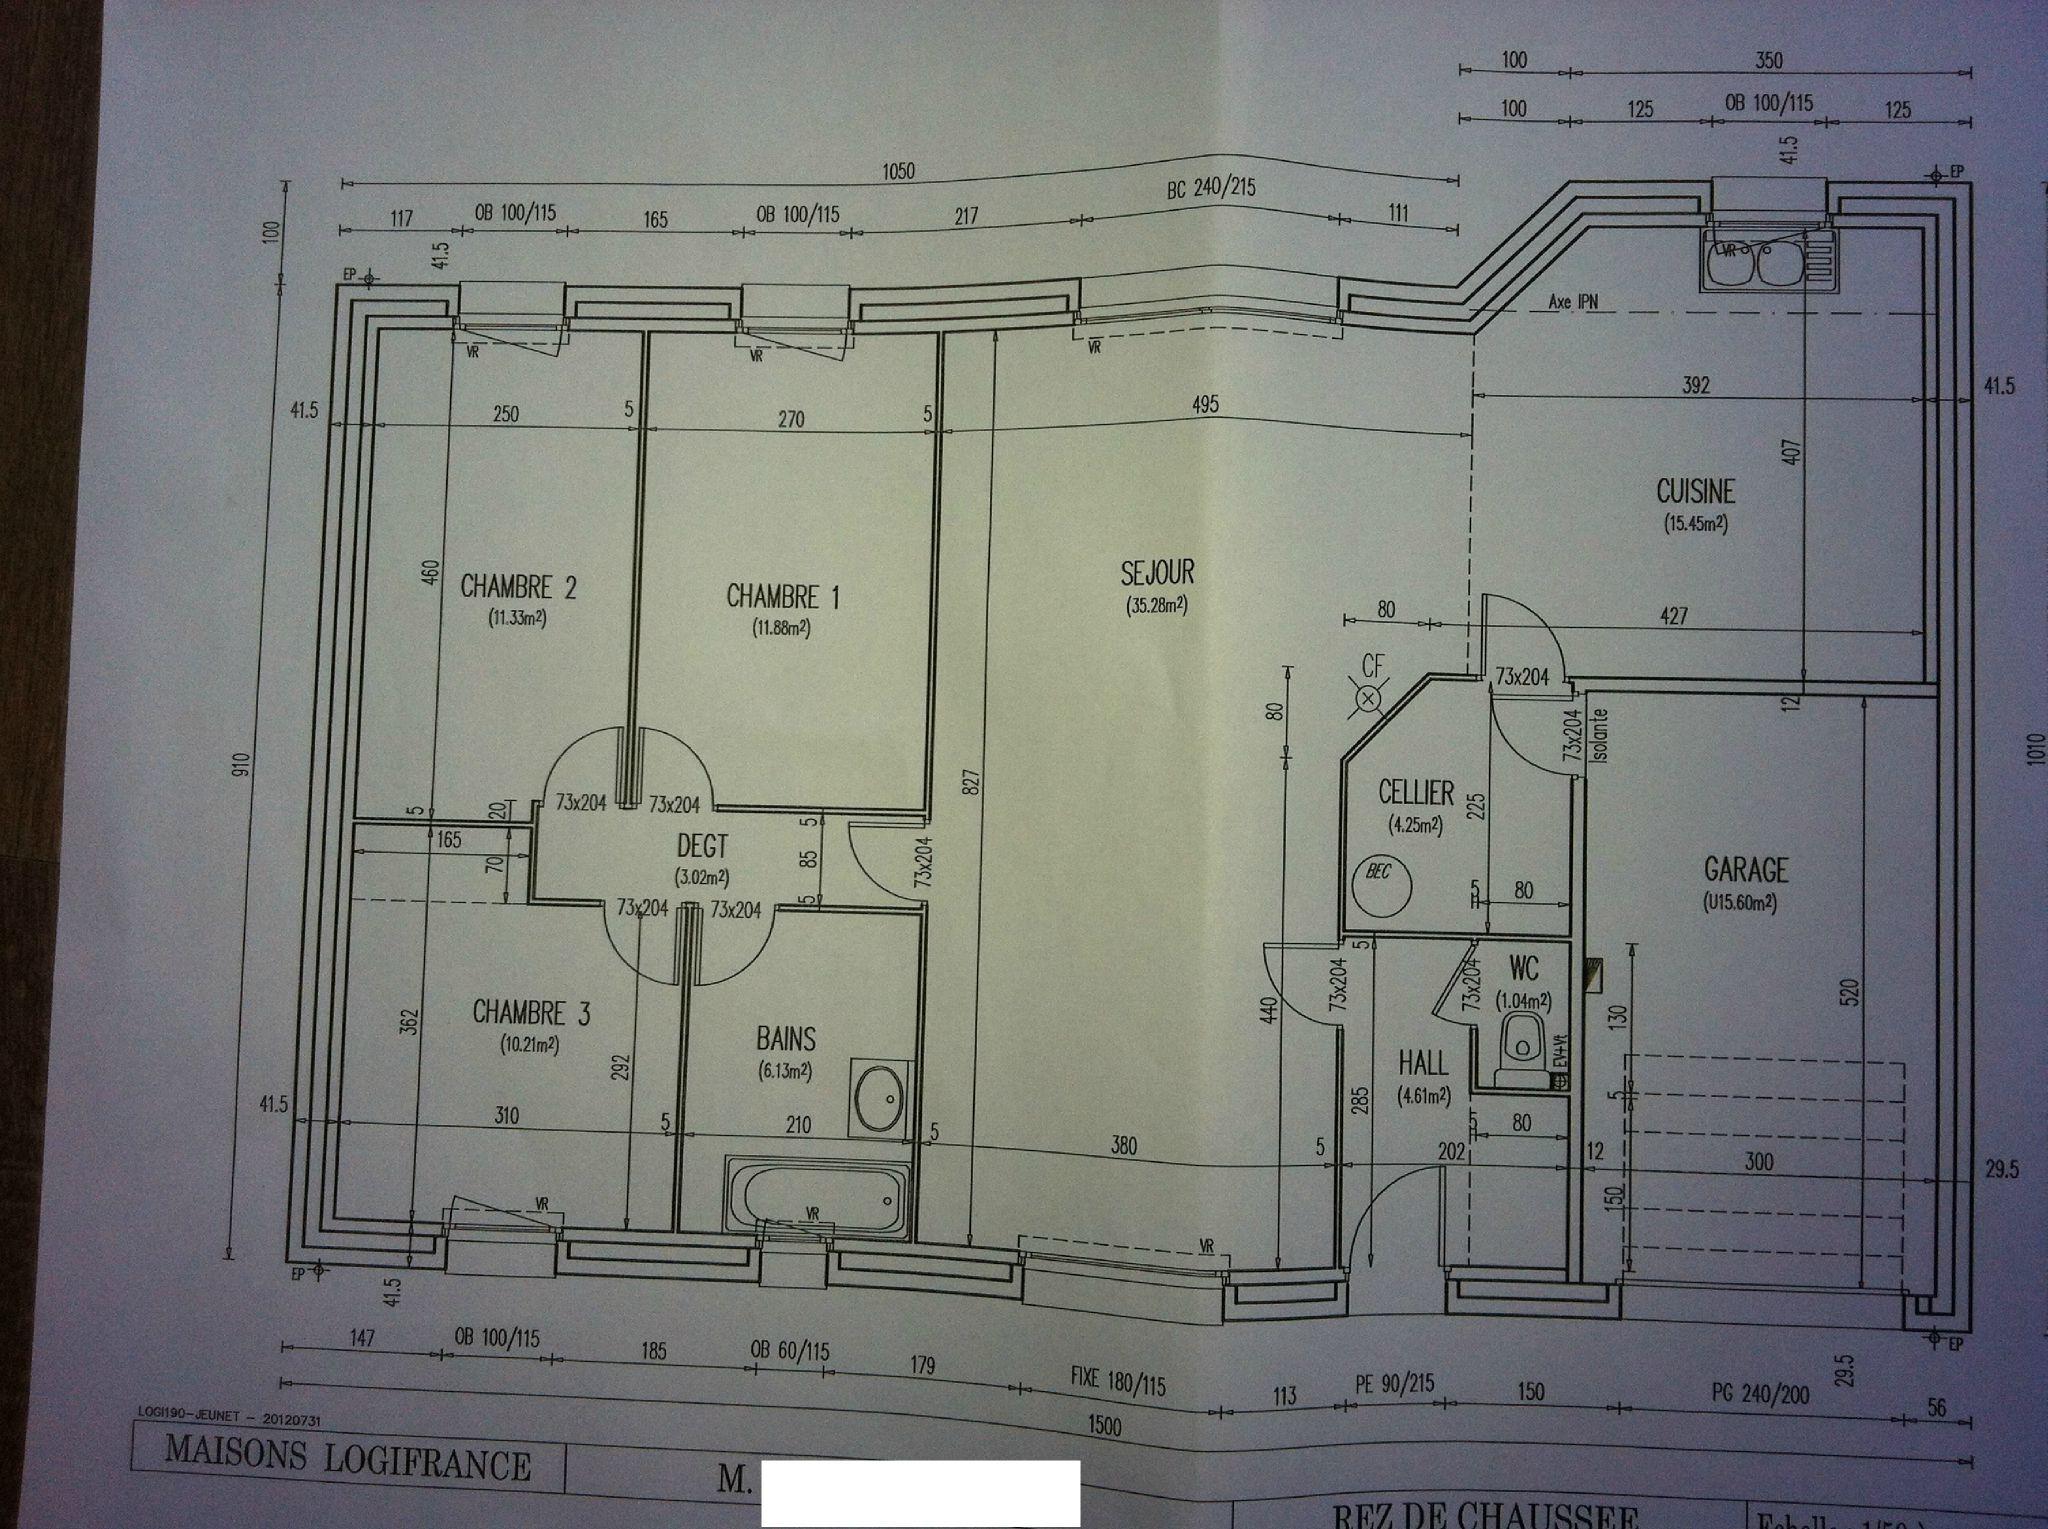 quelle puissance quelle mod le de po le 12 messages. Black Bedroom Furniture Sets. Home Design Ideas